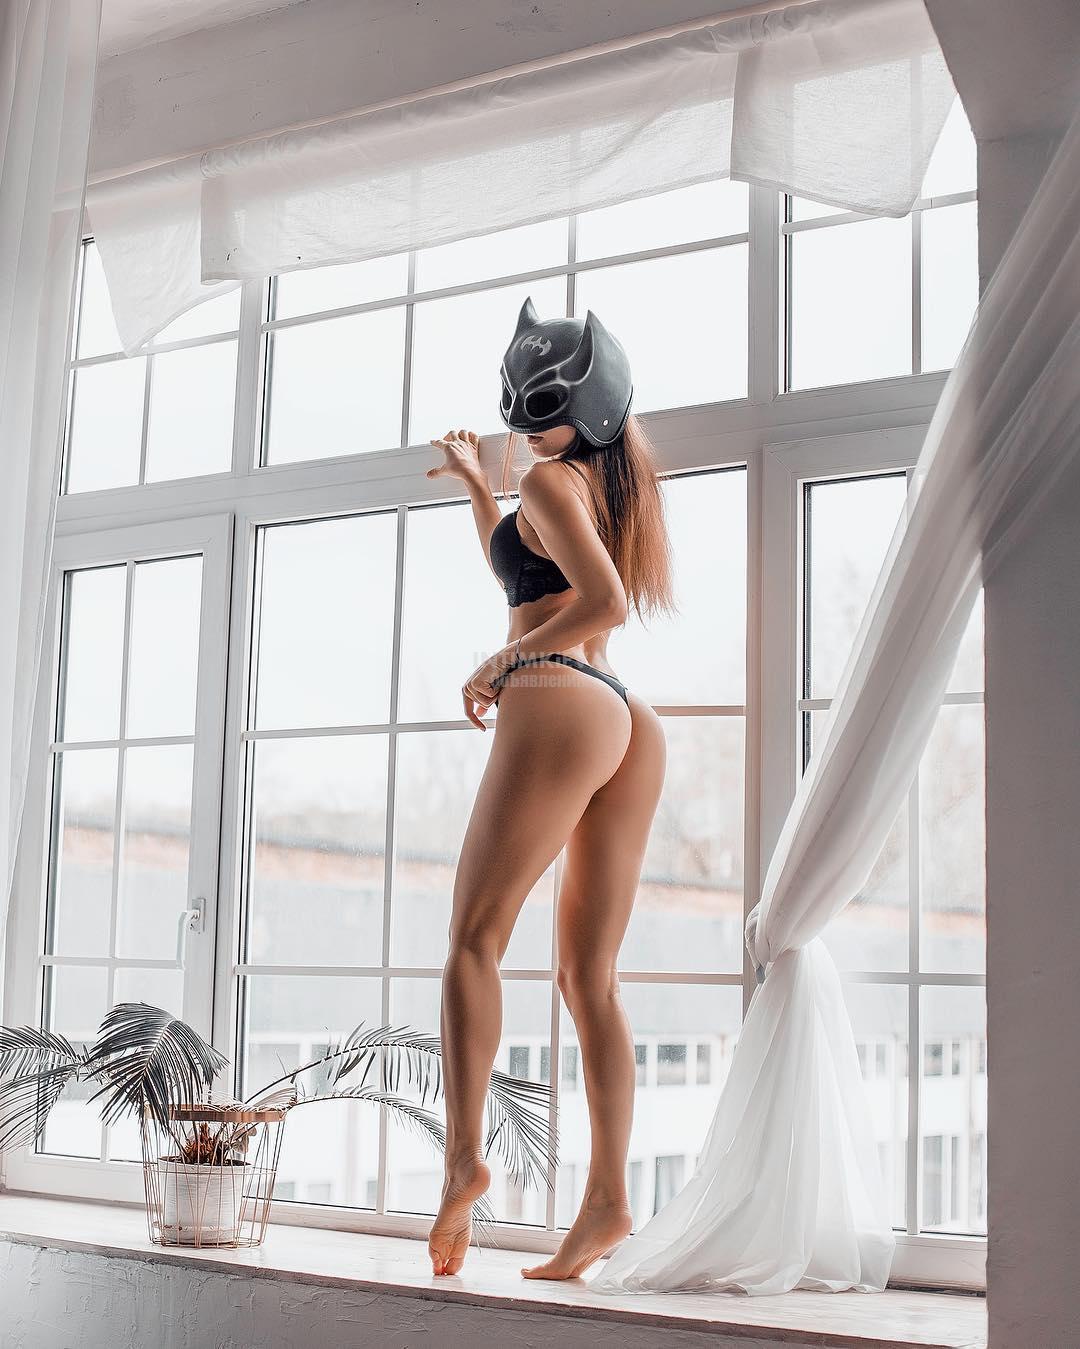 Канда онлайн красивые объявления для проституток